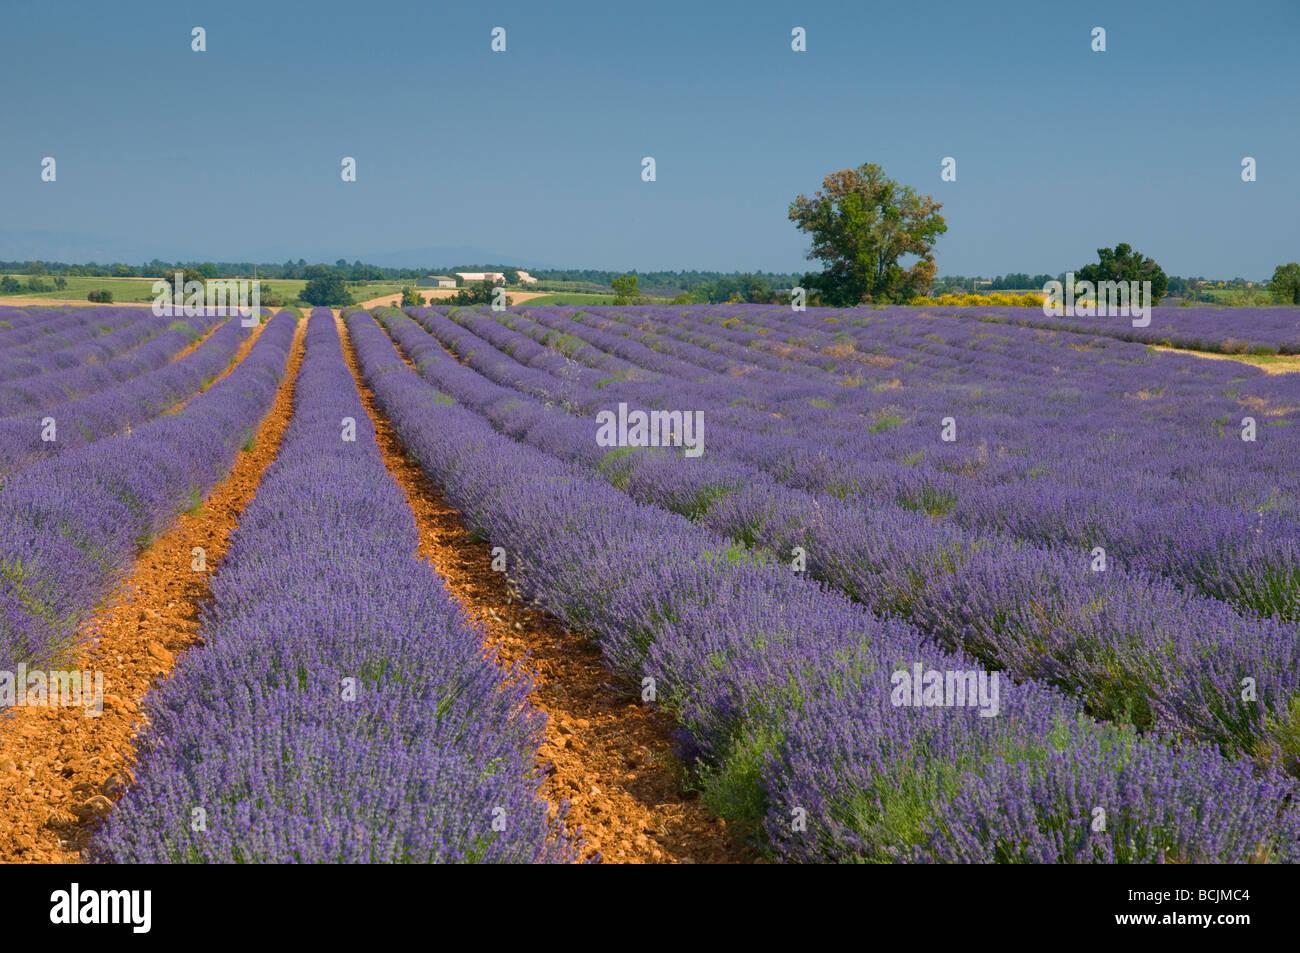 France, Provence-Alpes-Cote d'Azur, Alpes-de-Haute-Provence, Valensole, Lavendar Fields - Stock Image